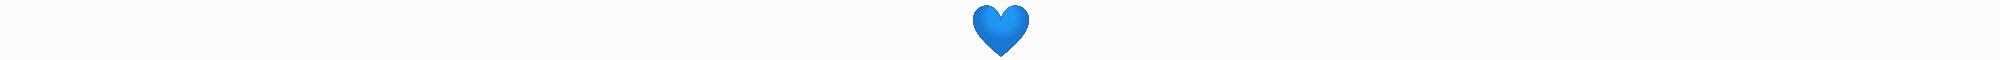 heart-spacer.jpg